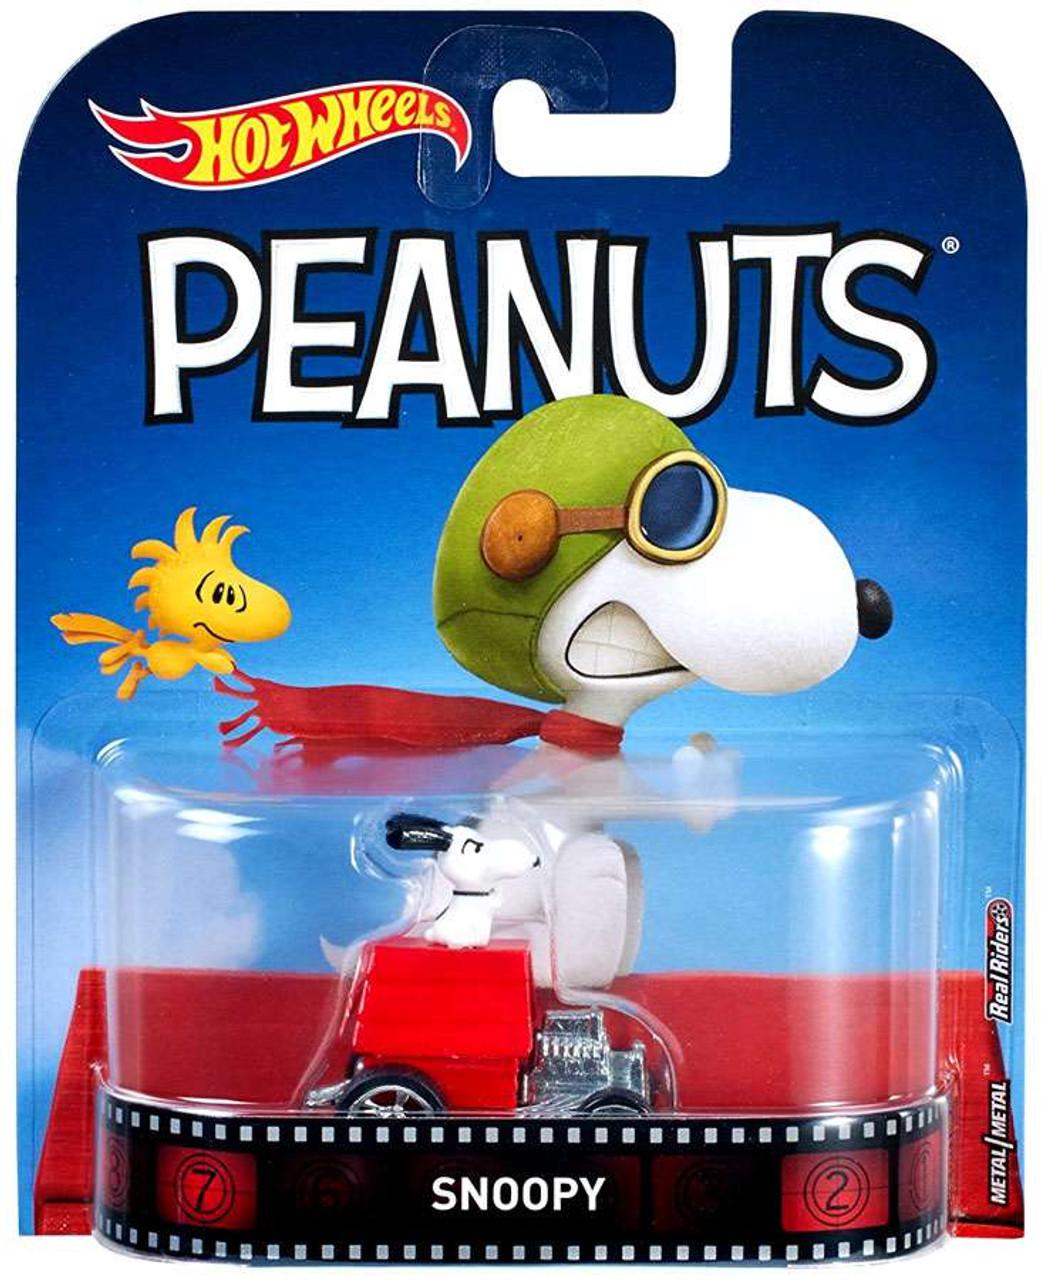 0e936a15f9 Hot Wheels Peanuts Snoopy 164 Die-Cast Car Mattel Toys - ToyWiz